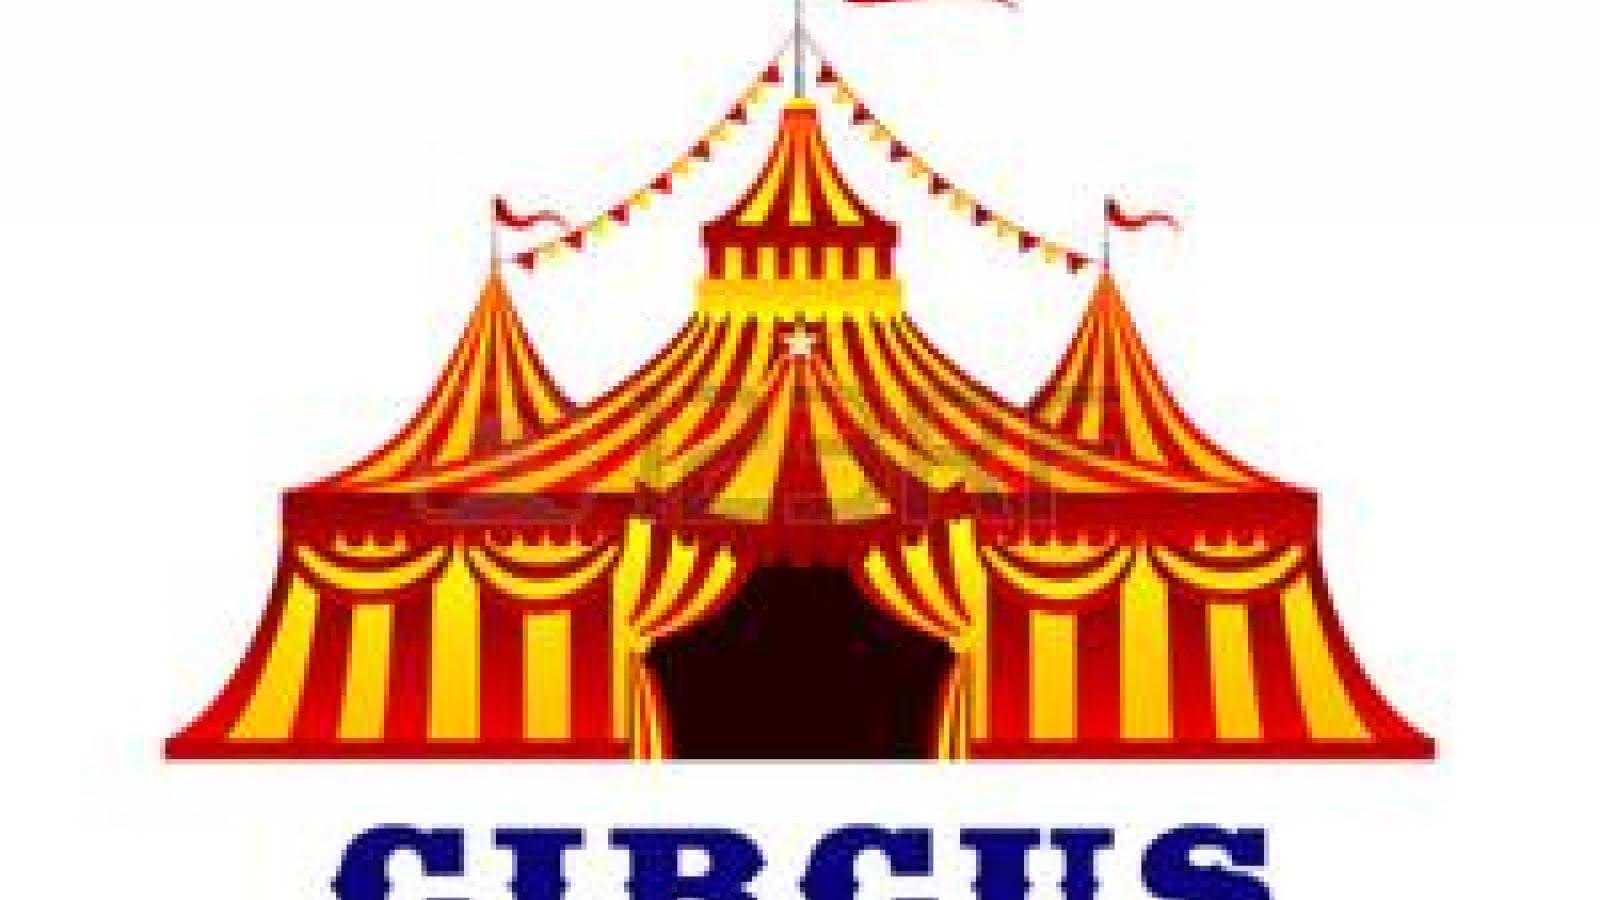 41049431-cirque-tente-raye-rouge-et-jaune-dans-le-style-retro-avec-des-drapeaux-sur-les-sommets-des-domes-isole-sur-fo